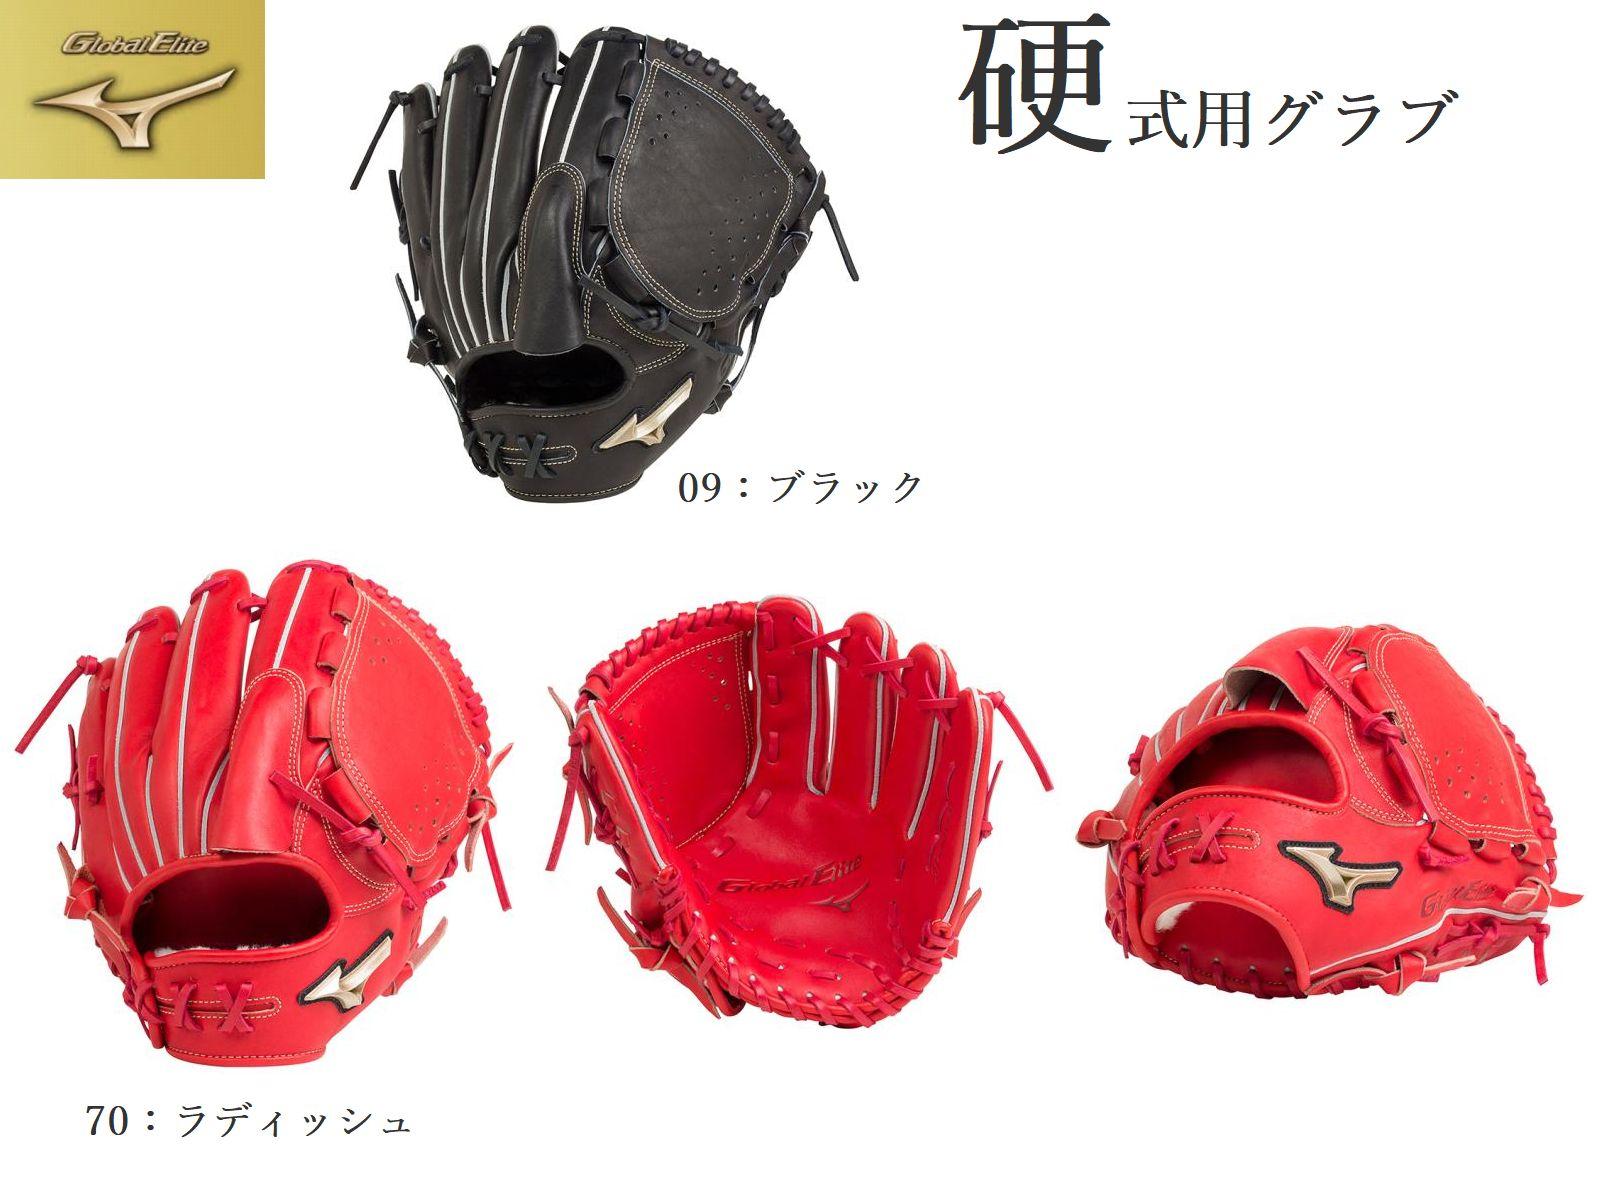 【Mizuno Global Elite=ミズノグローバルエリート】<Hselection00=Hセレクション00>野球 硬式用 グラブ グローブ(投手用:サイズ11)<右投用/左投用>[ラディッシュ/ブラック]BASEBALL GLOVES(HARD-BALL)